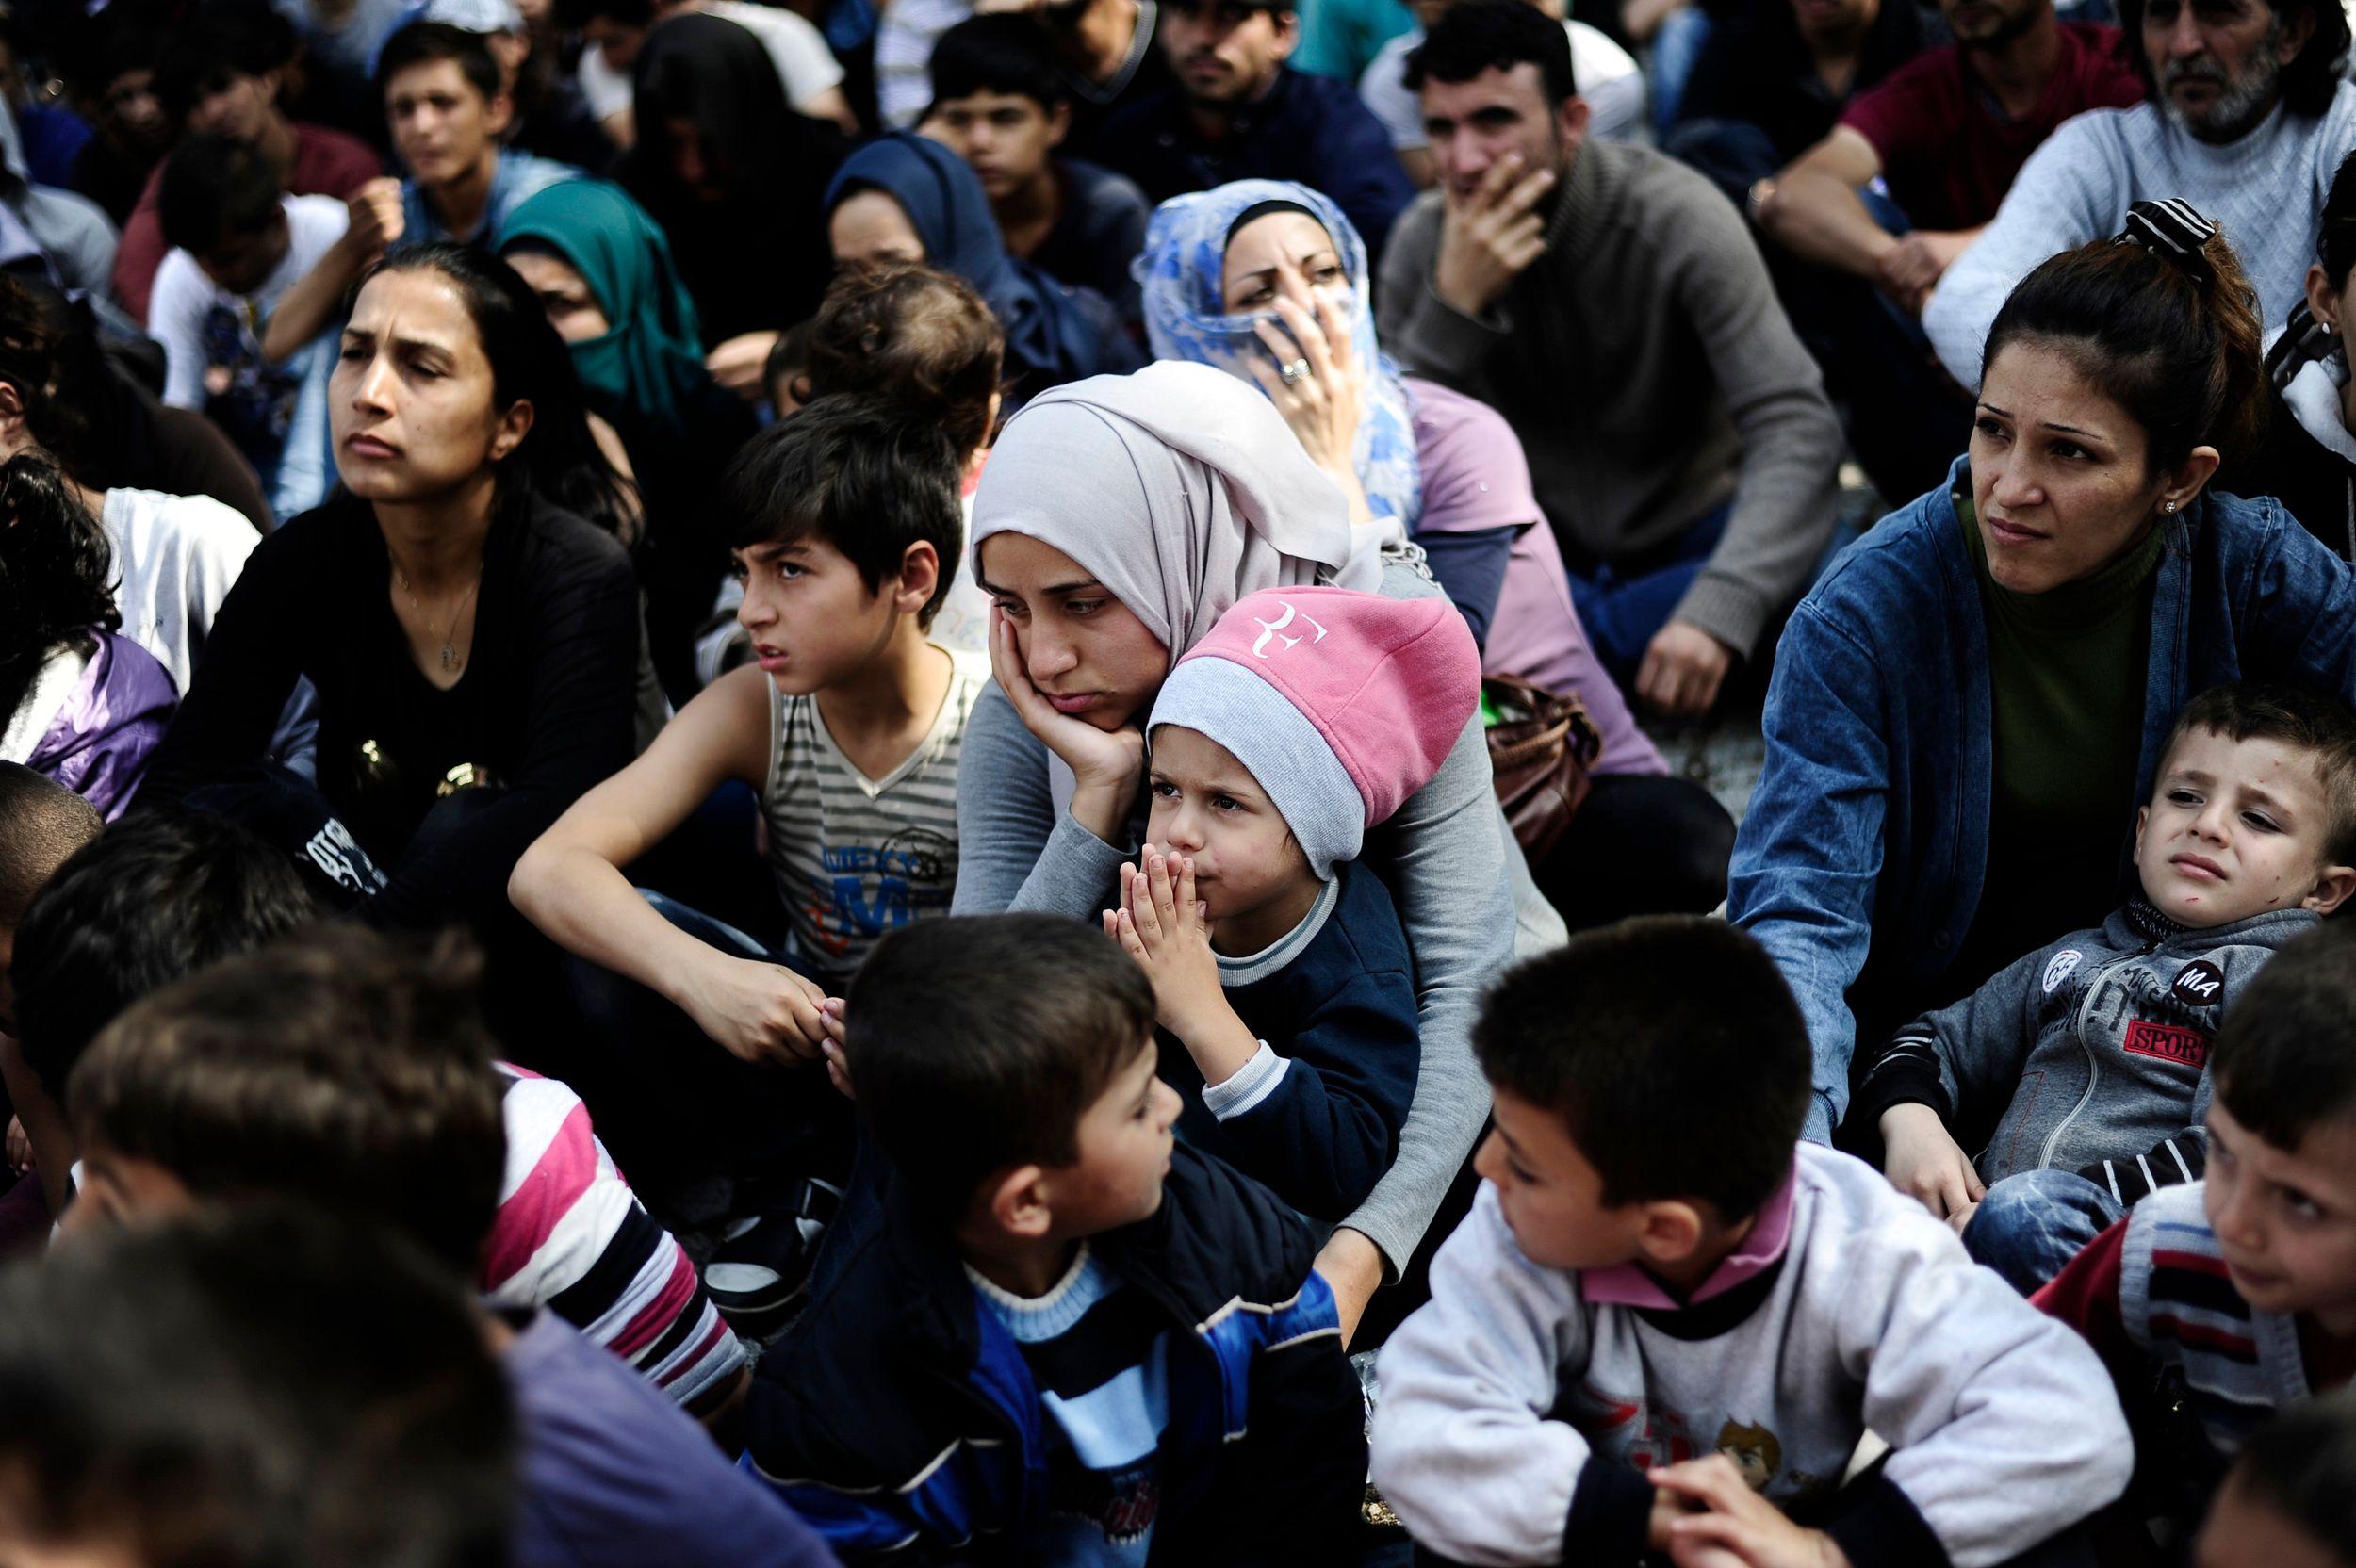 Turquie : des cartes de paiement seront distribuées aux réfugiés